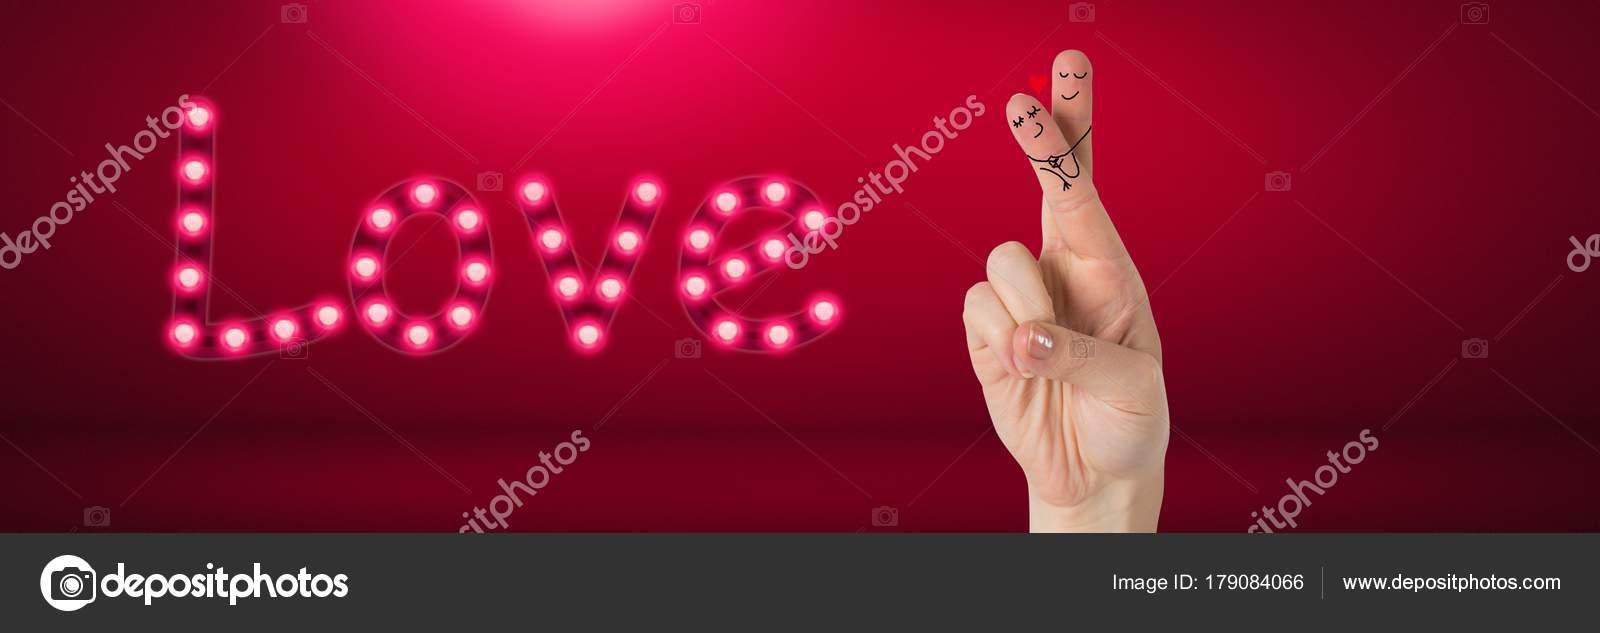 バレンタインの指のデジタル合成カップルの愛情に満ちたテキスト光る